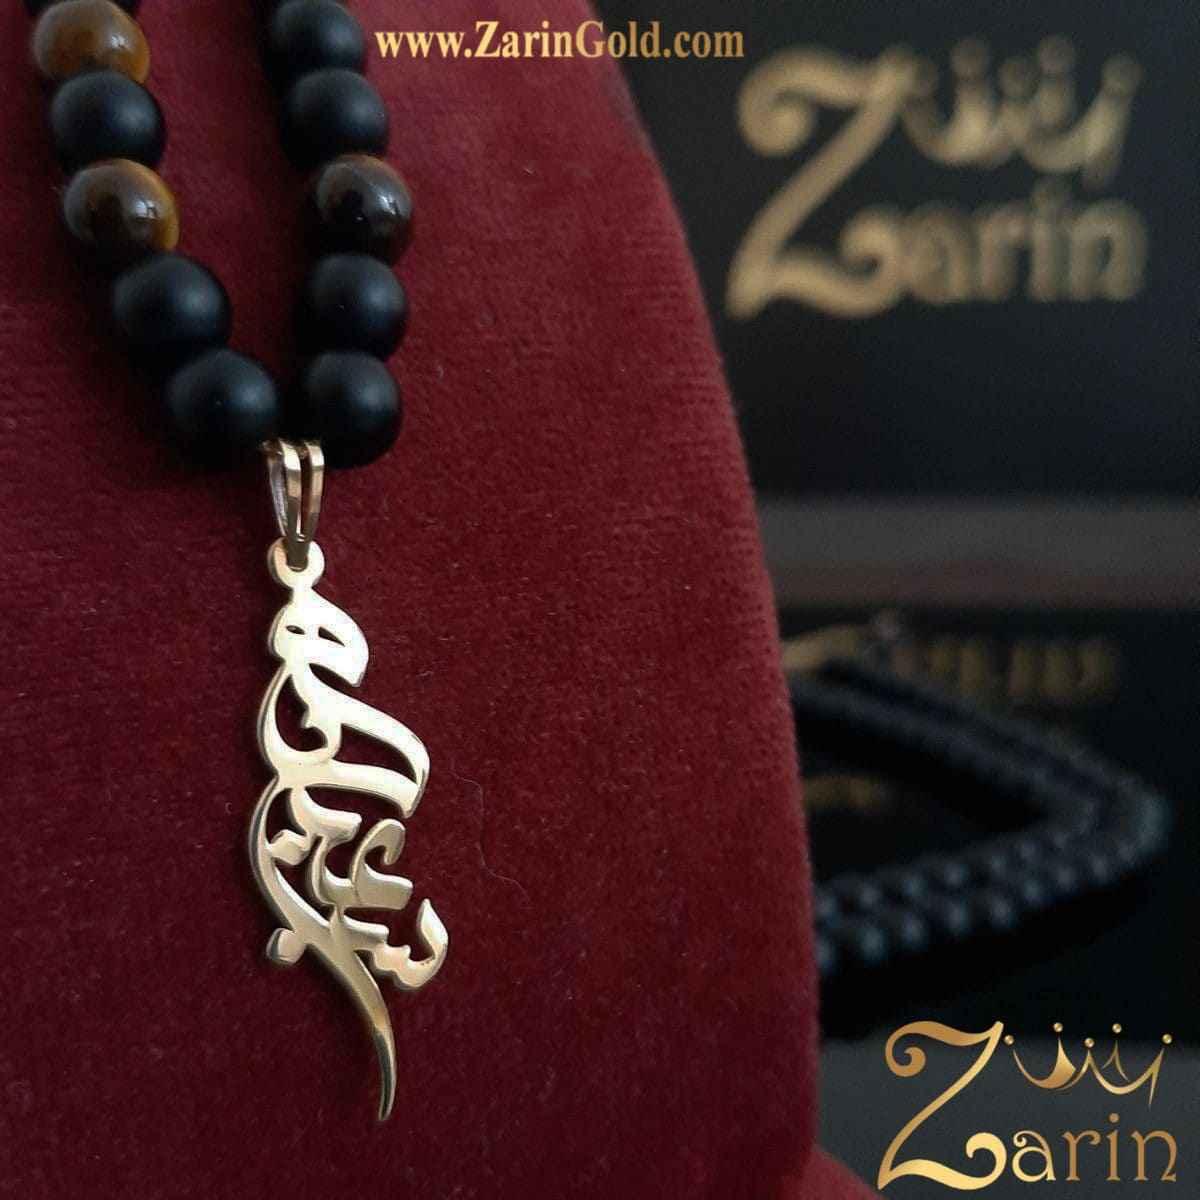 پلاک طلا اسم فارسی سعیده